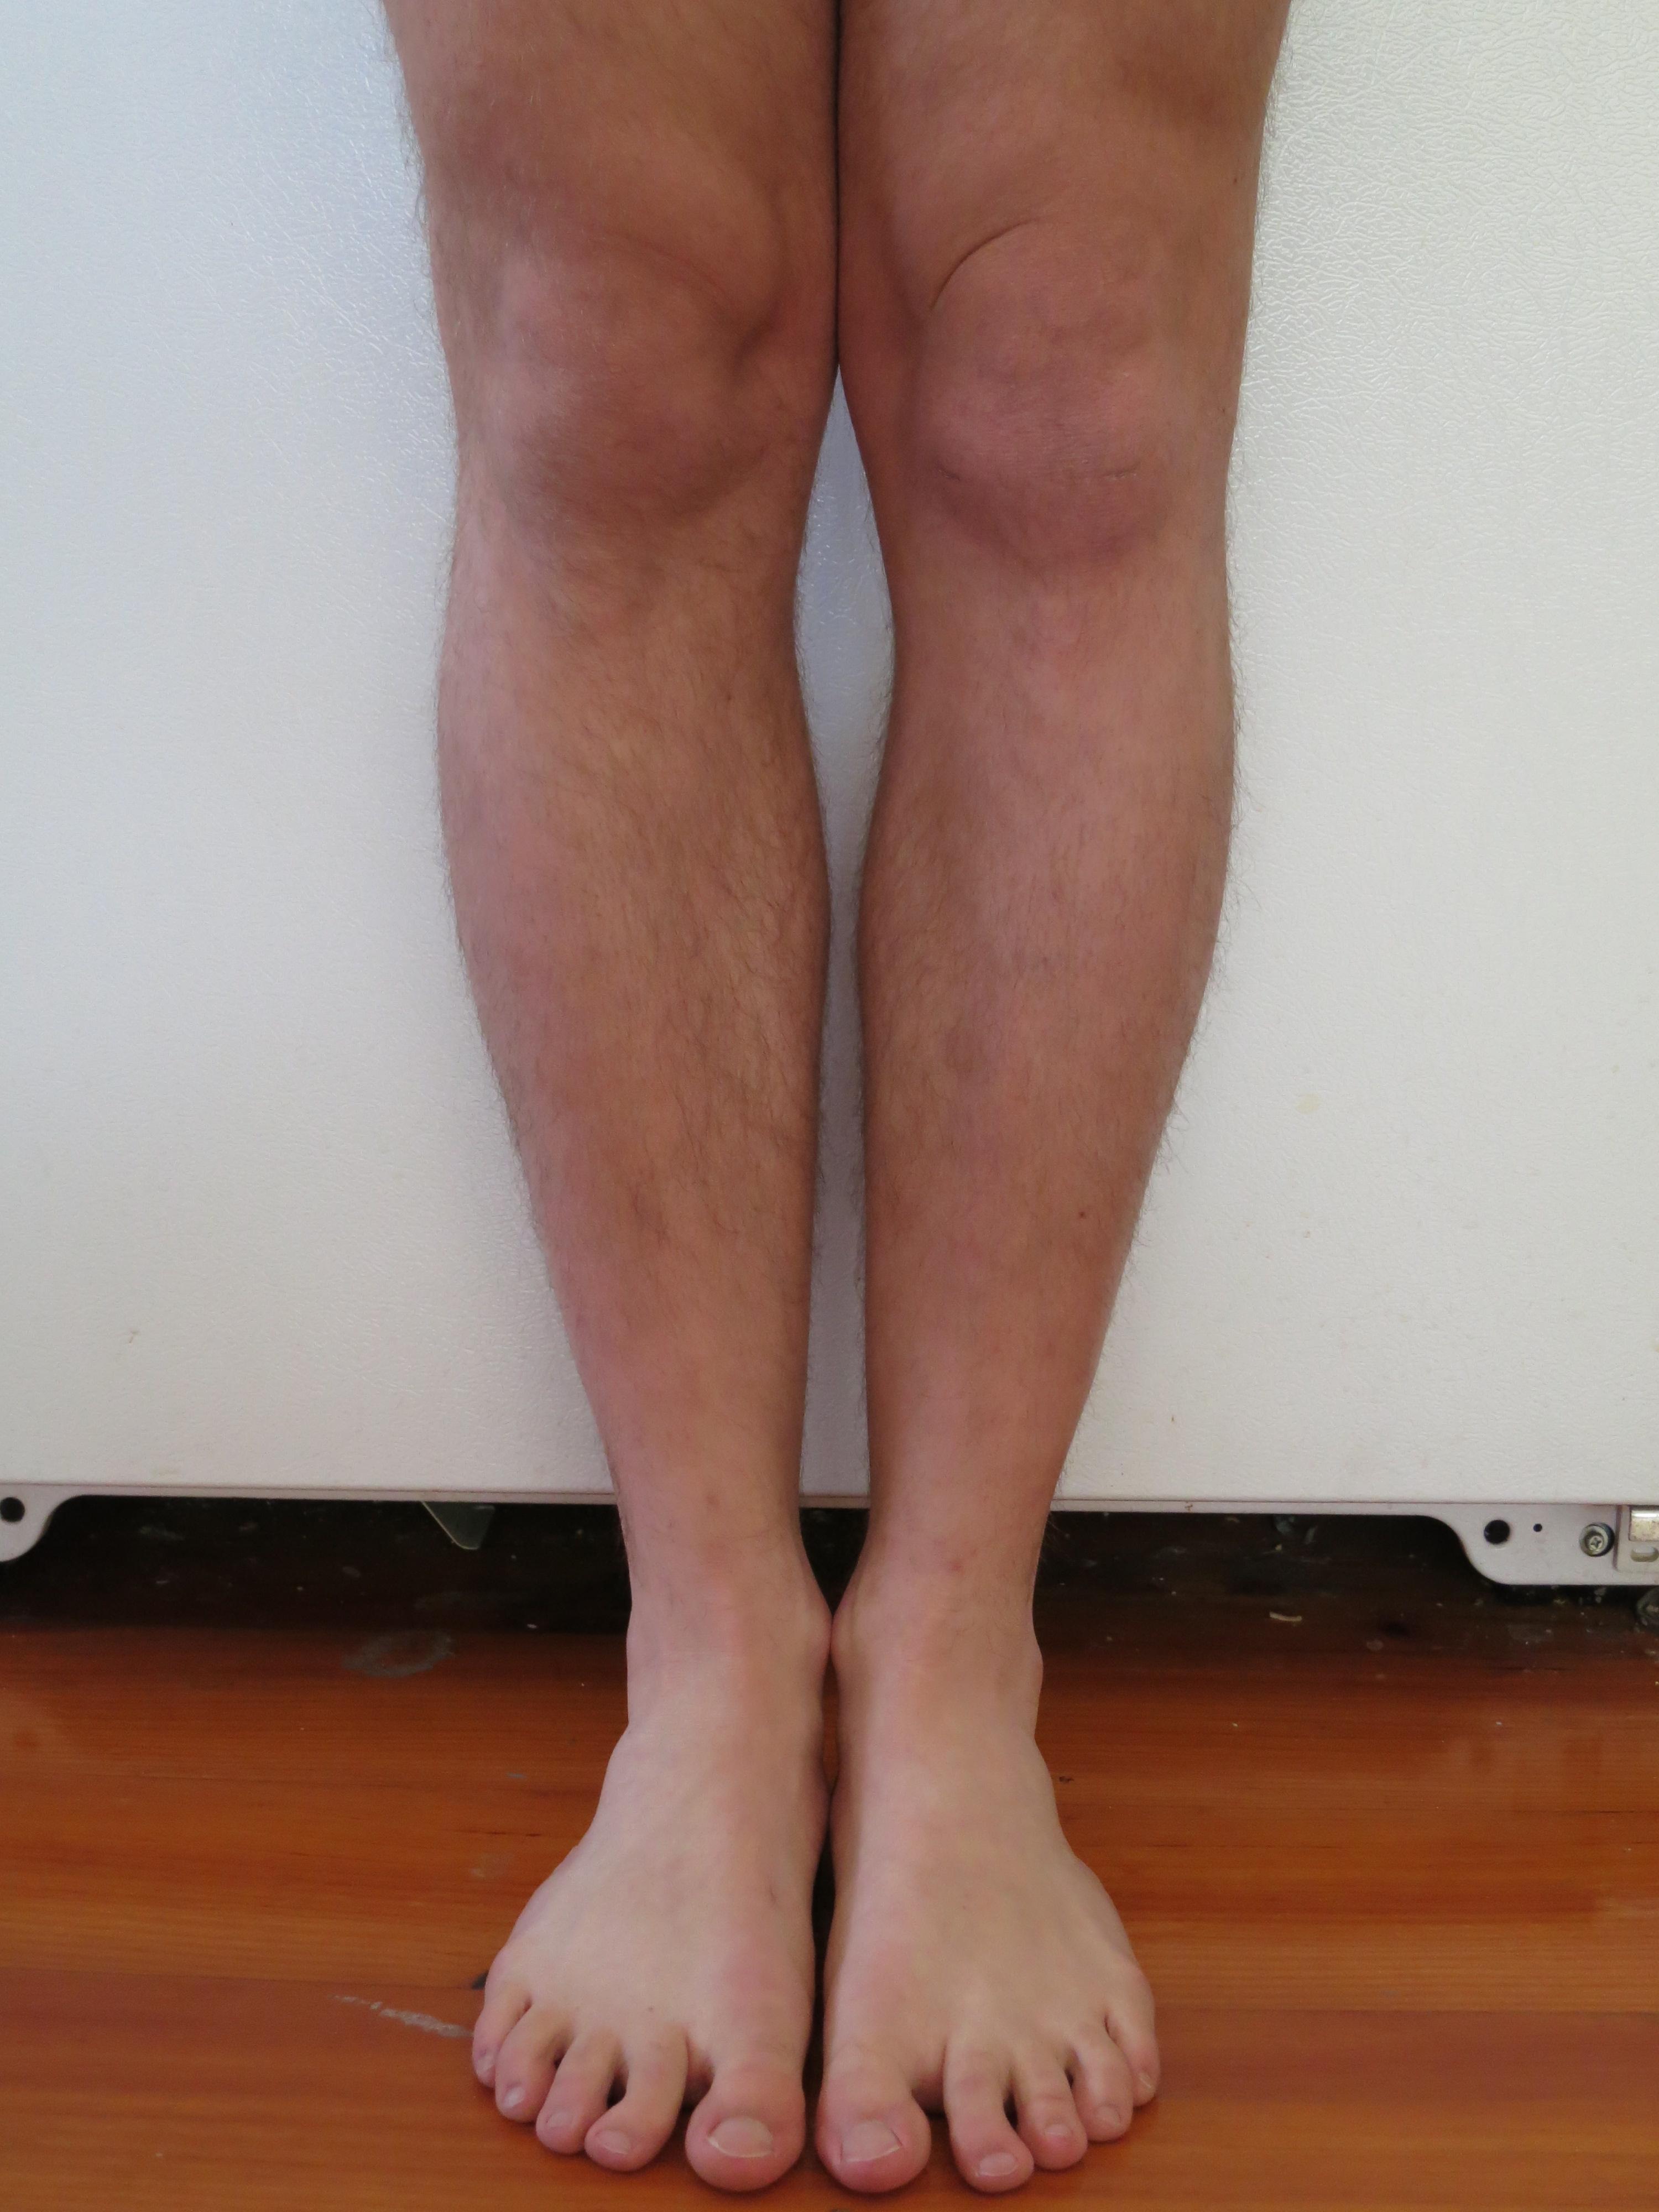 sarcoma cancer knee